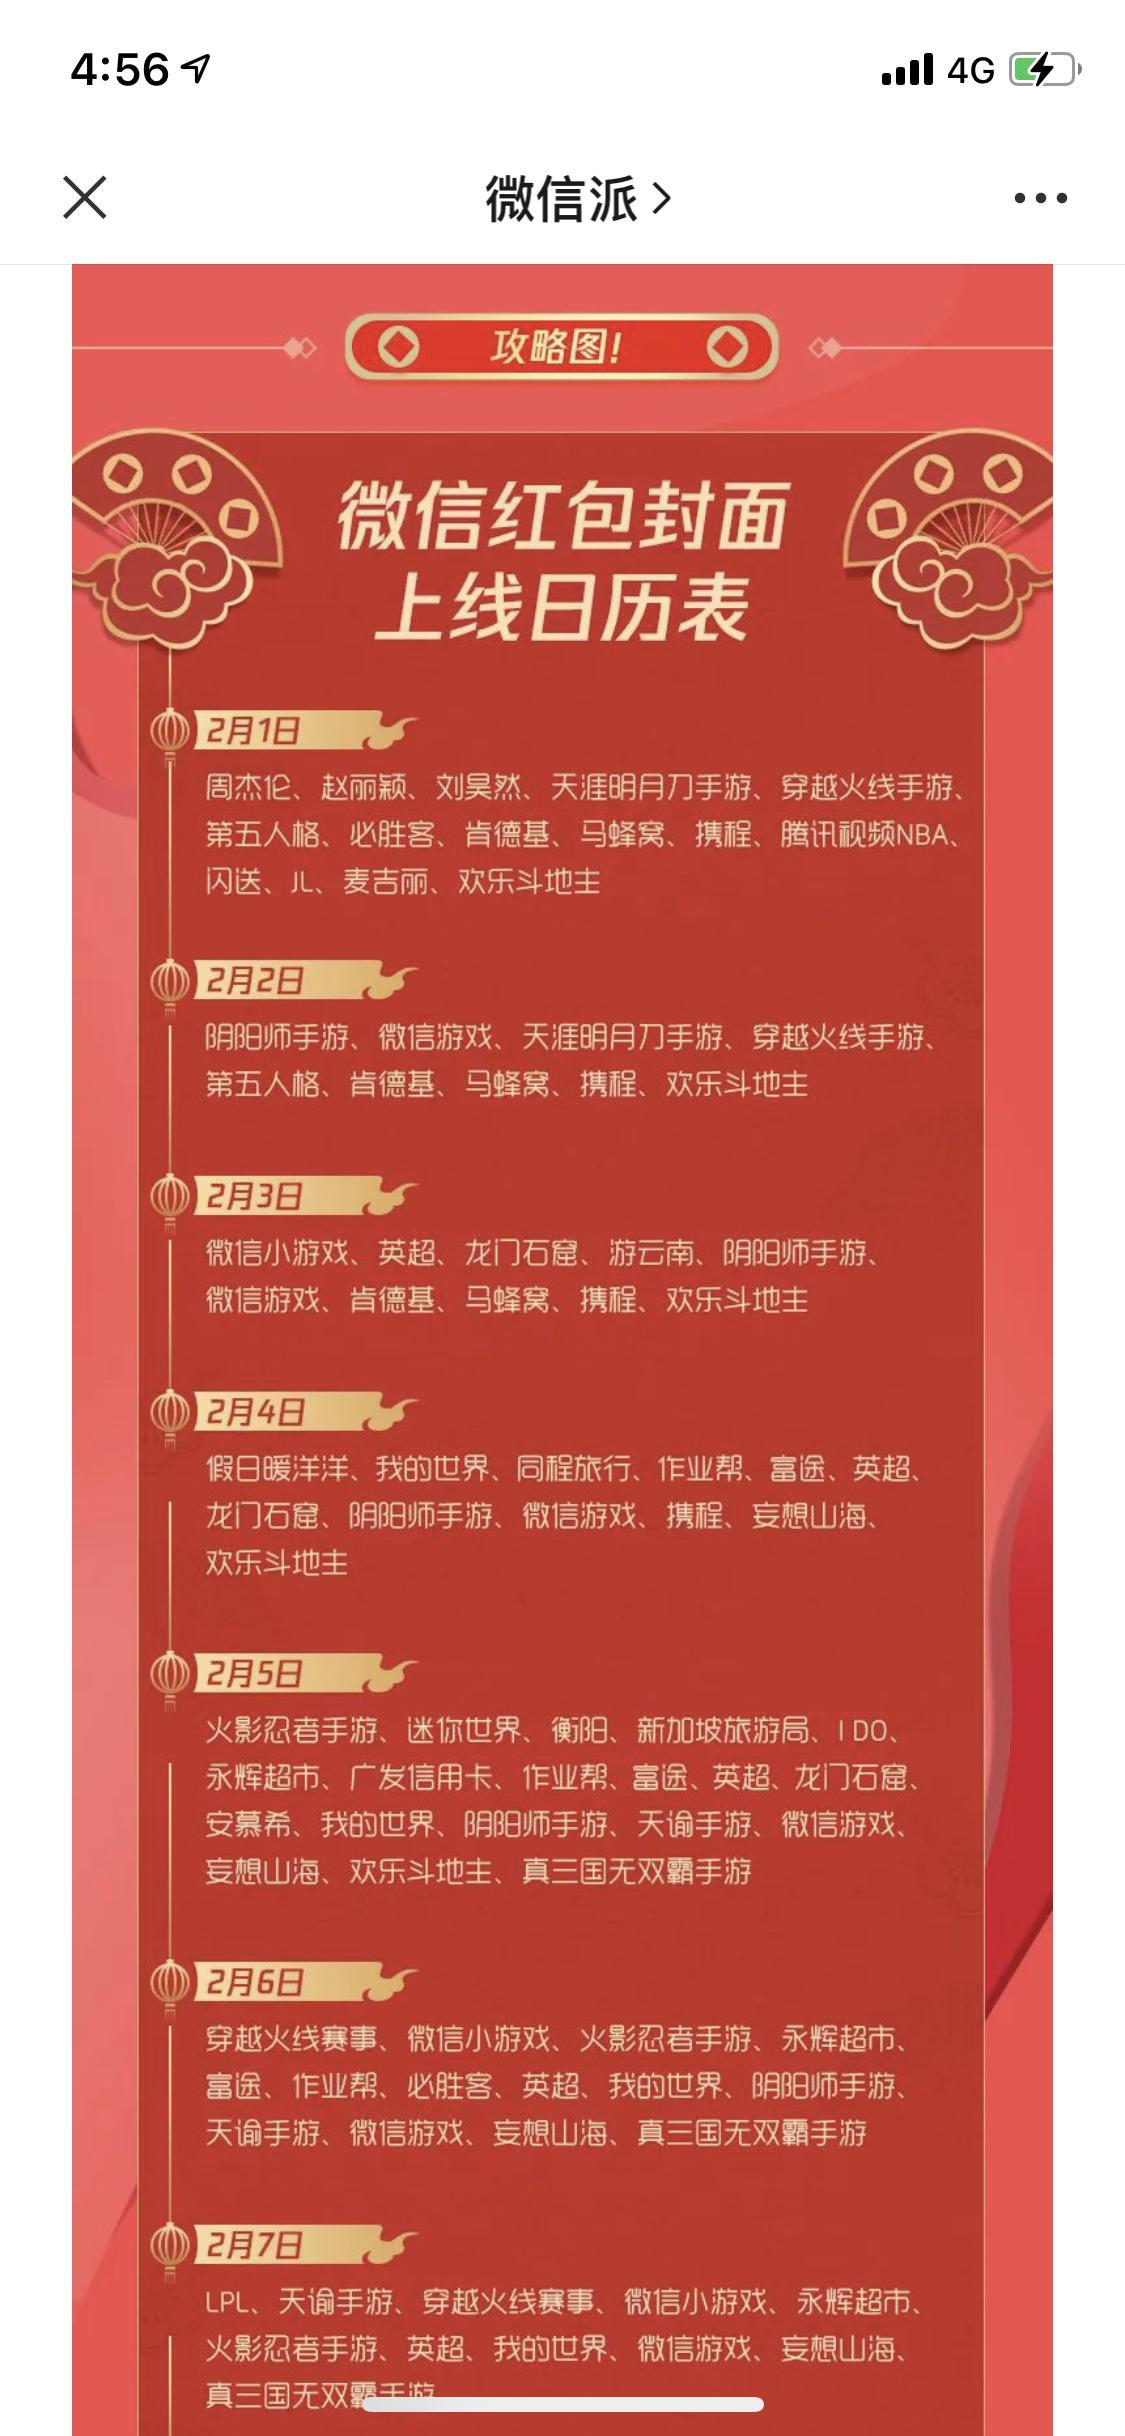 红包封面收取时间表